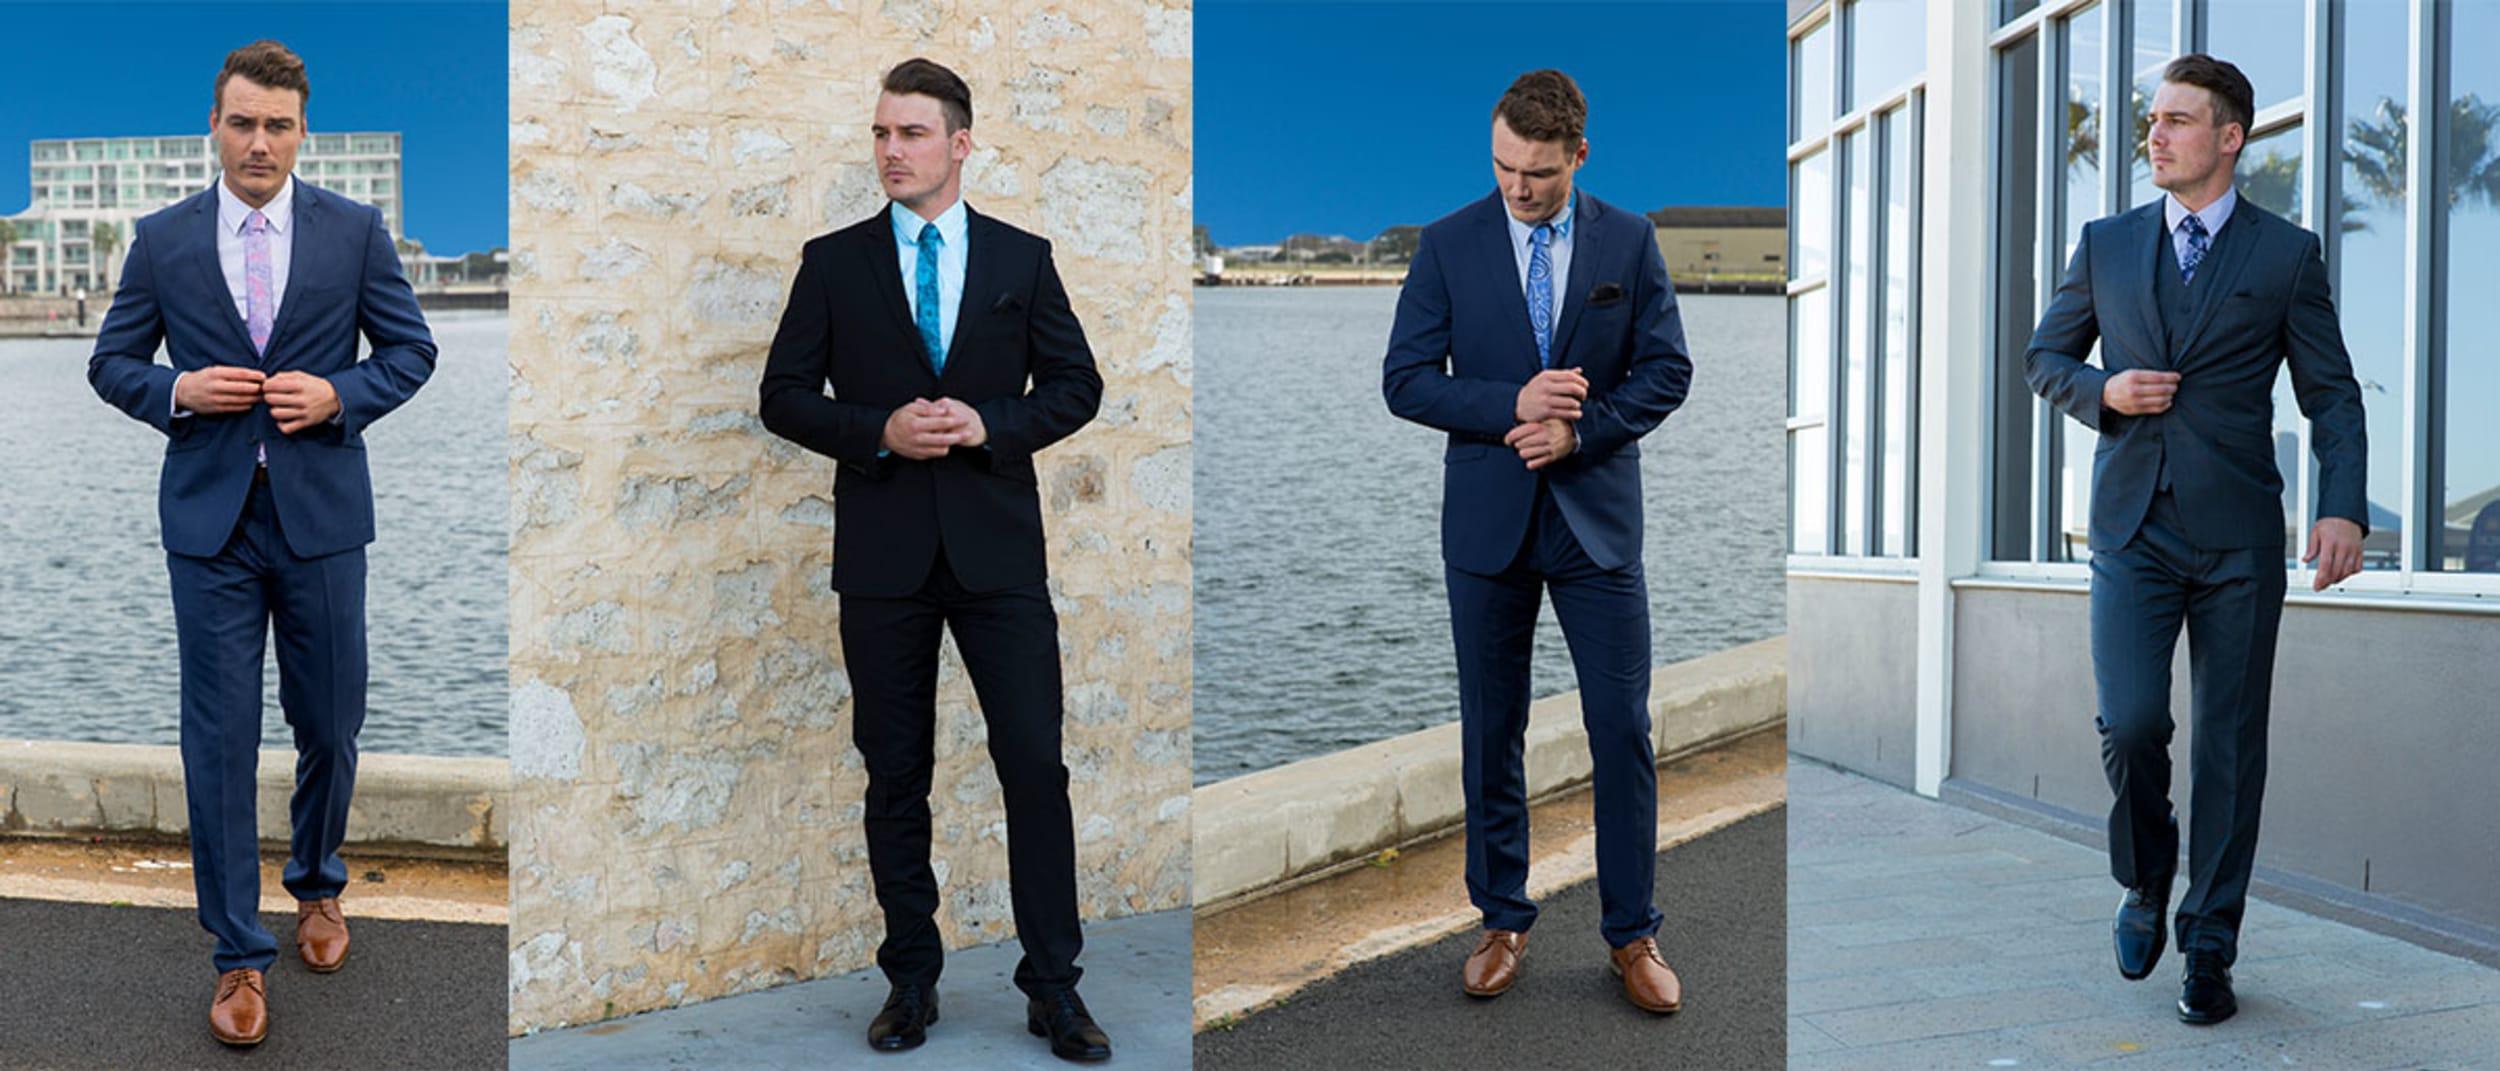 Ed Harry: 2pc suit + shirt $198